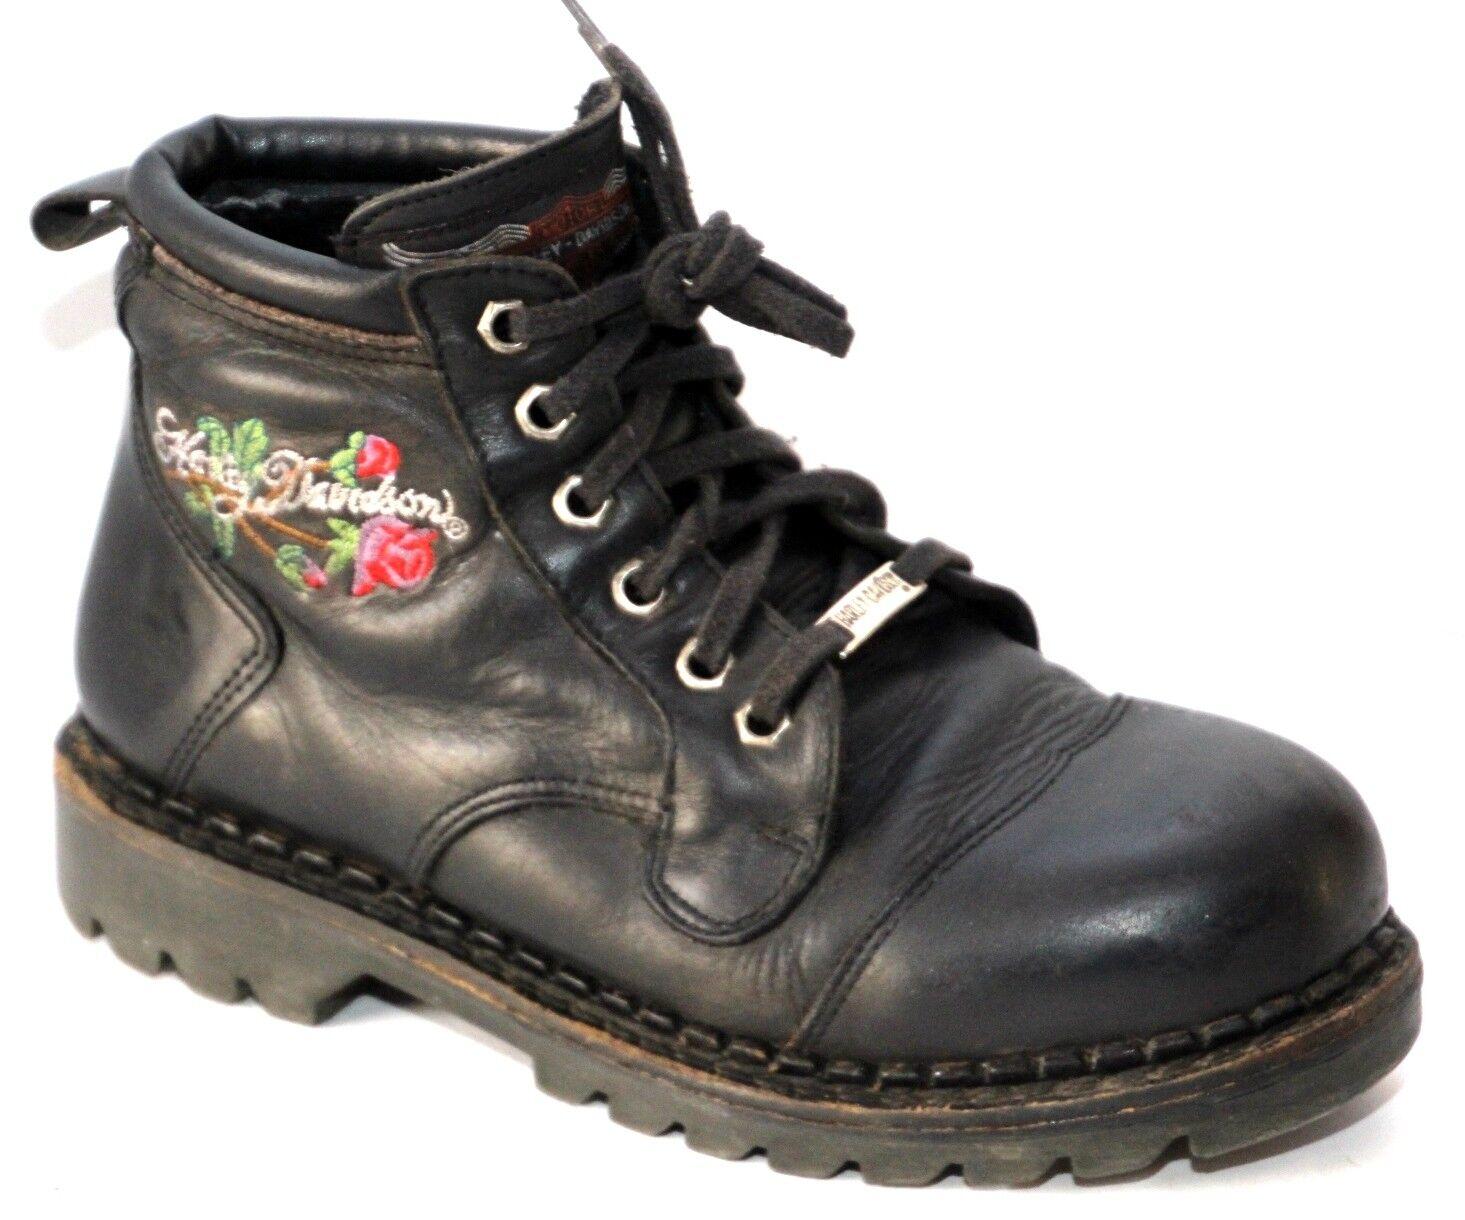 Harley Davidson 28510 black boots Flower Rose size 37  US  6.5   Great